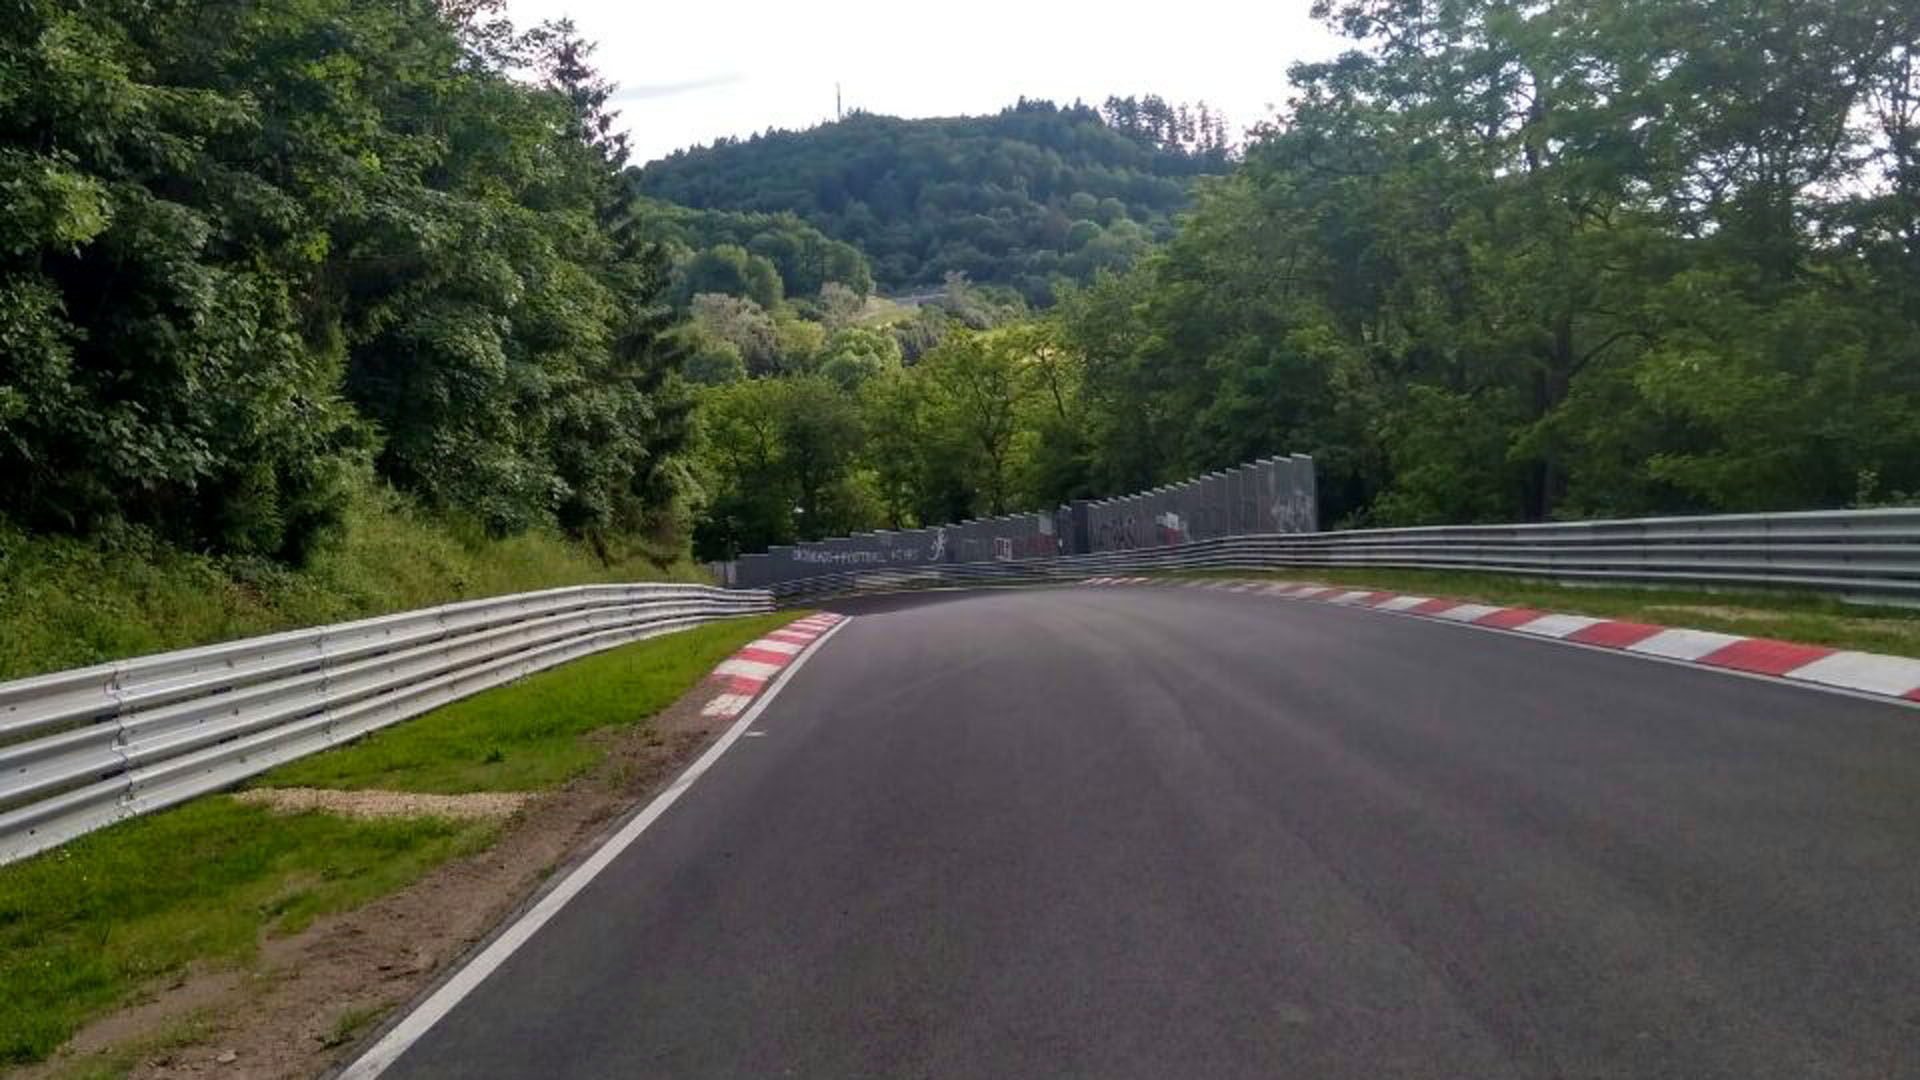 Nurburgring 4